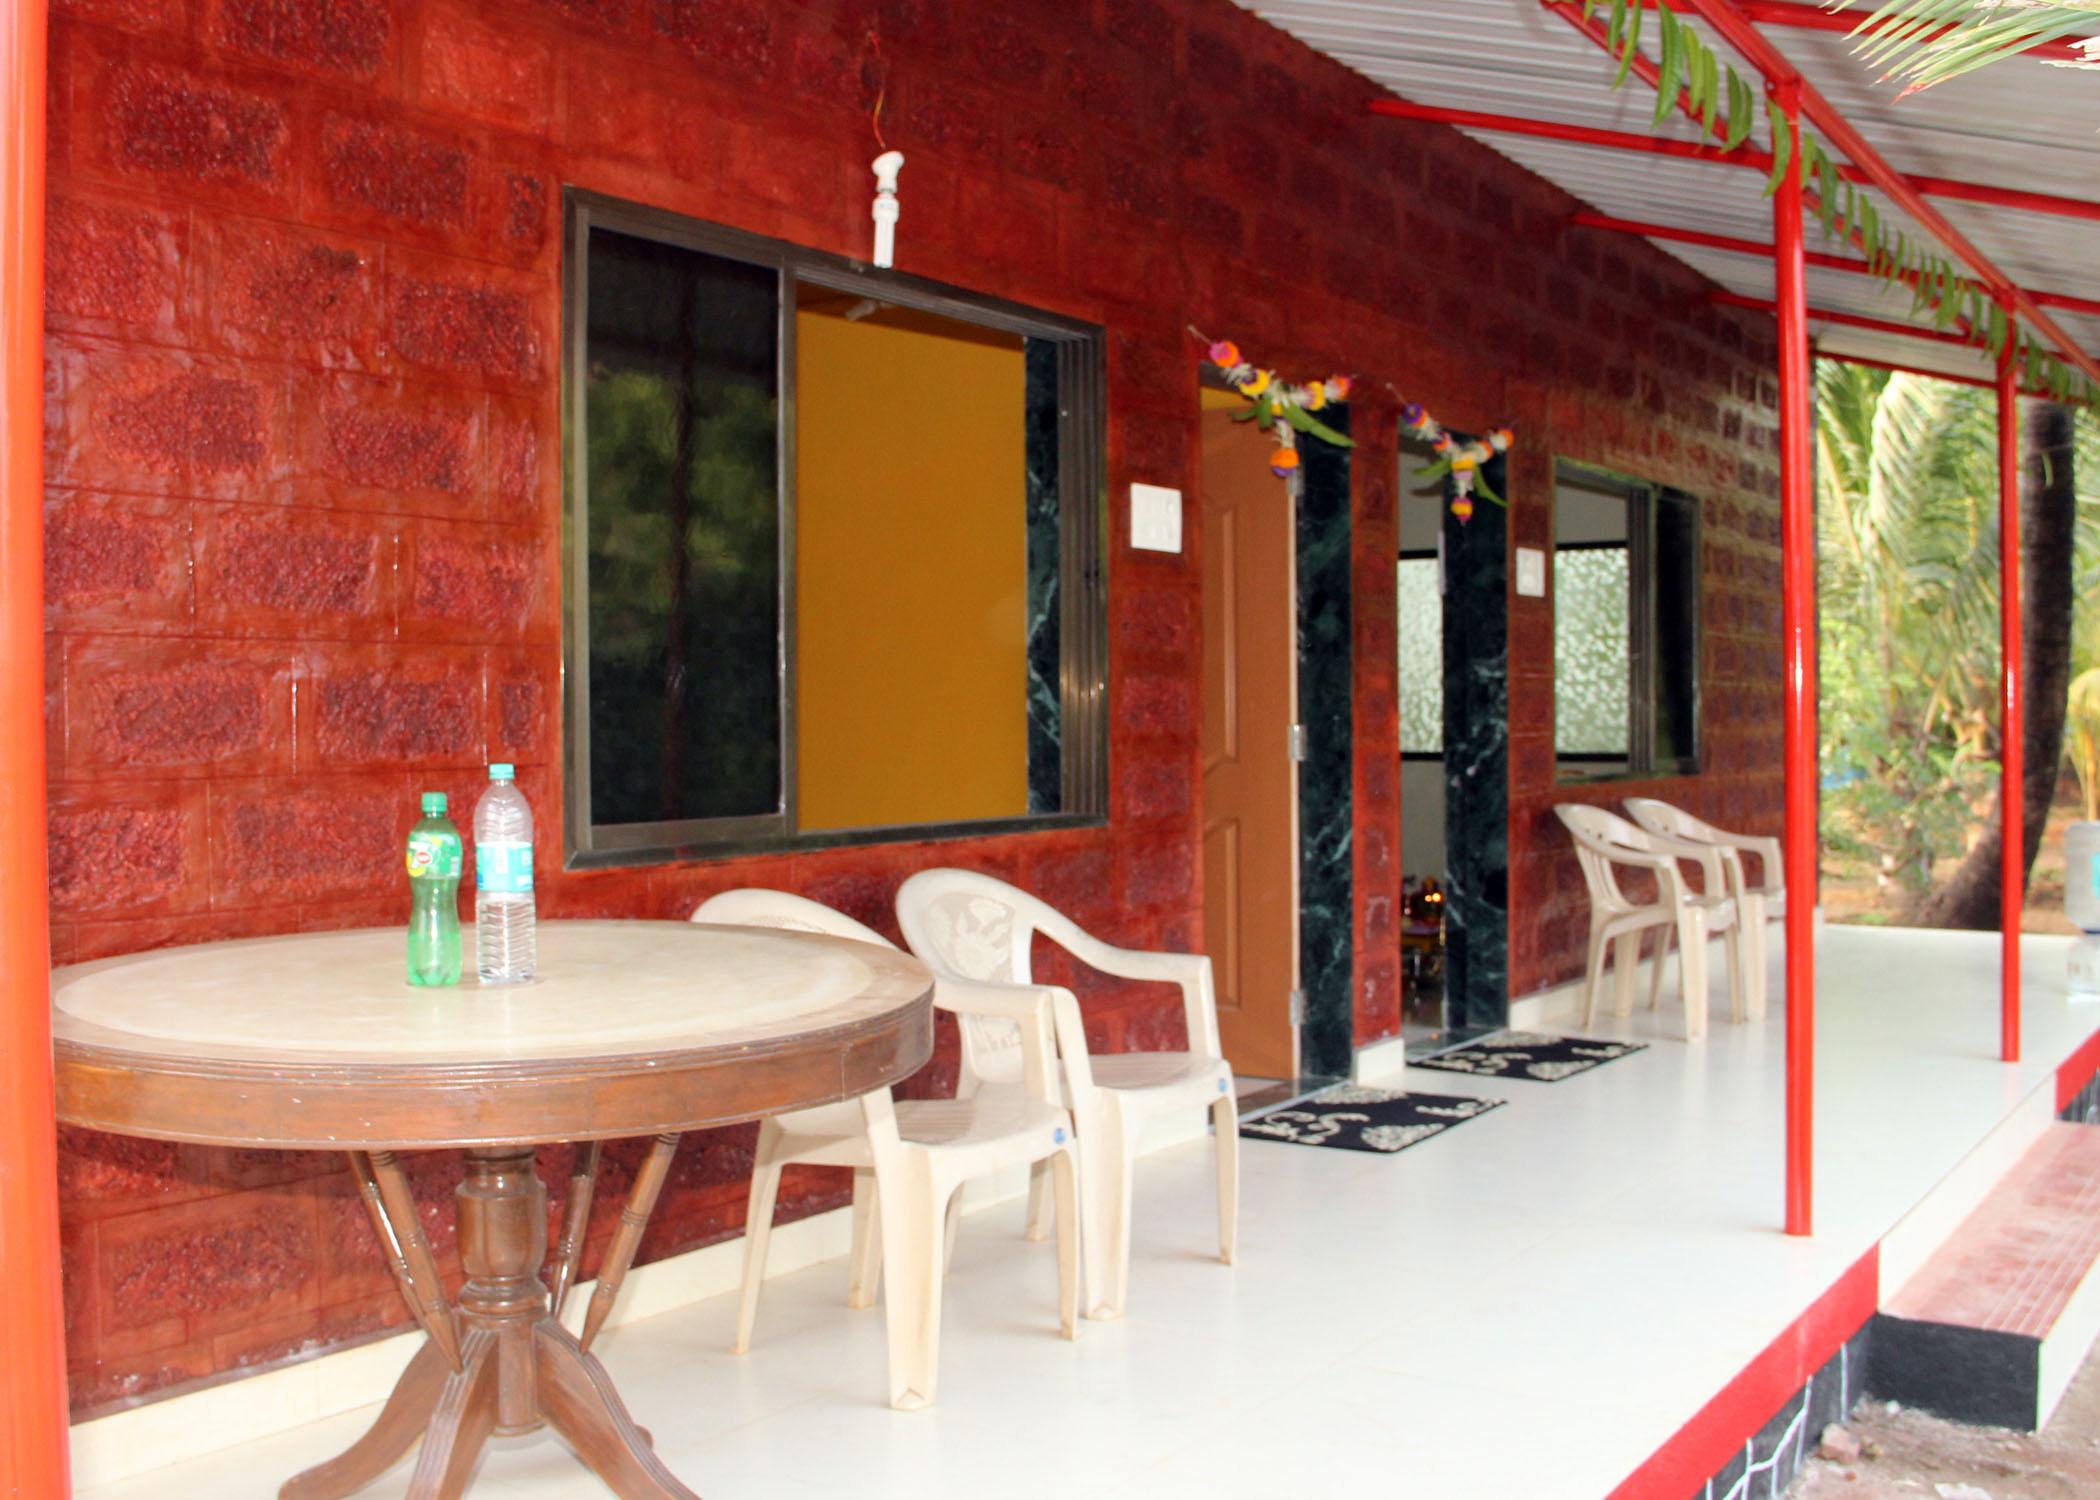 Cottages - Prajakta Rest House Image